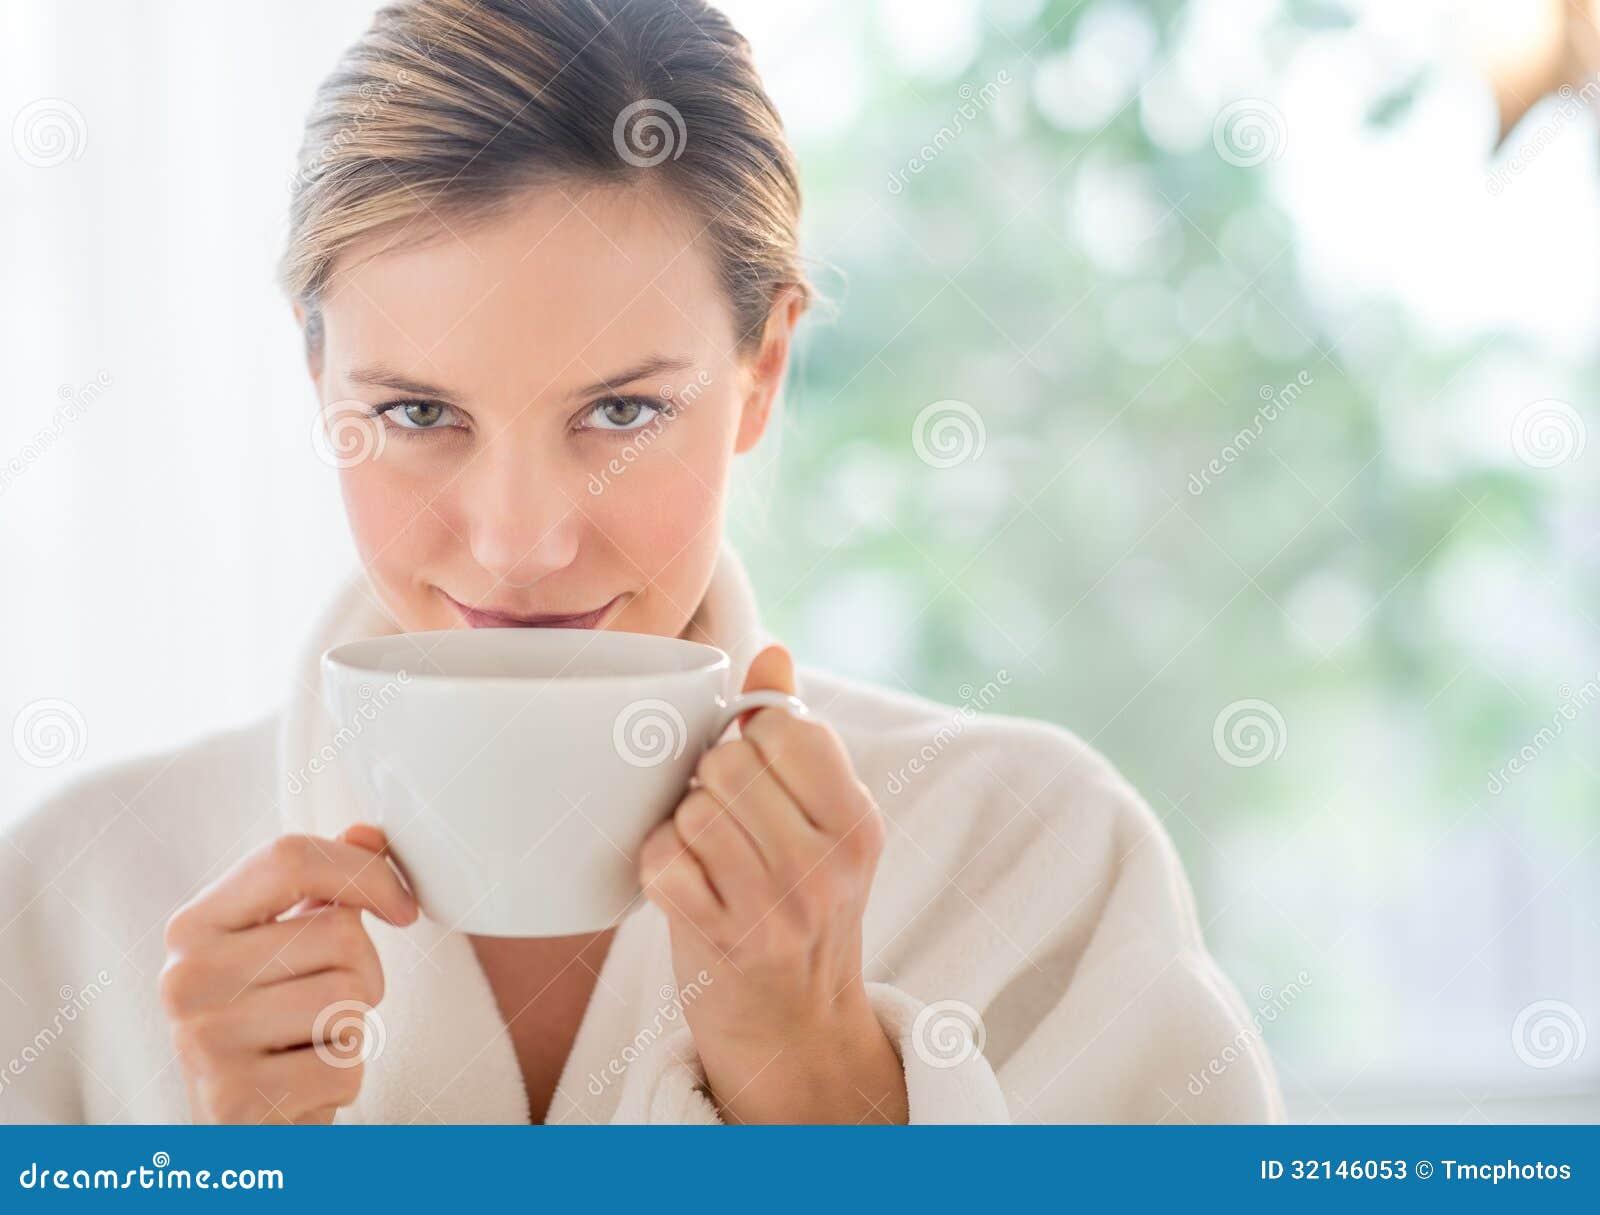 Beautiful Woman Drinking Coffee In Health Spa